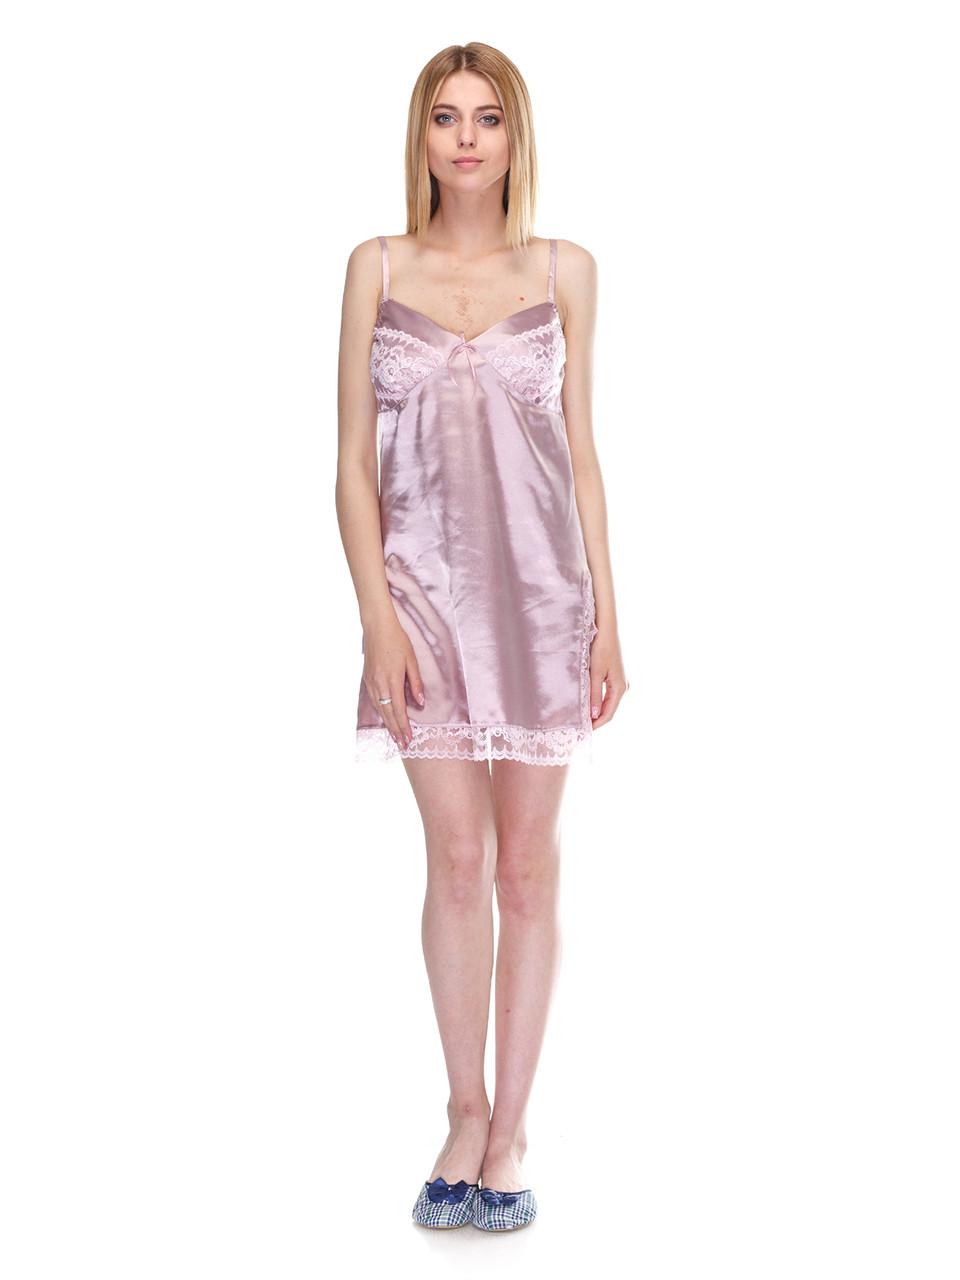 Сорочка Serenade стрейч атлас розовая с кружевом